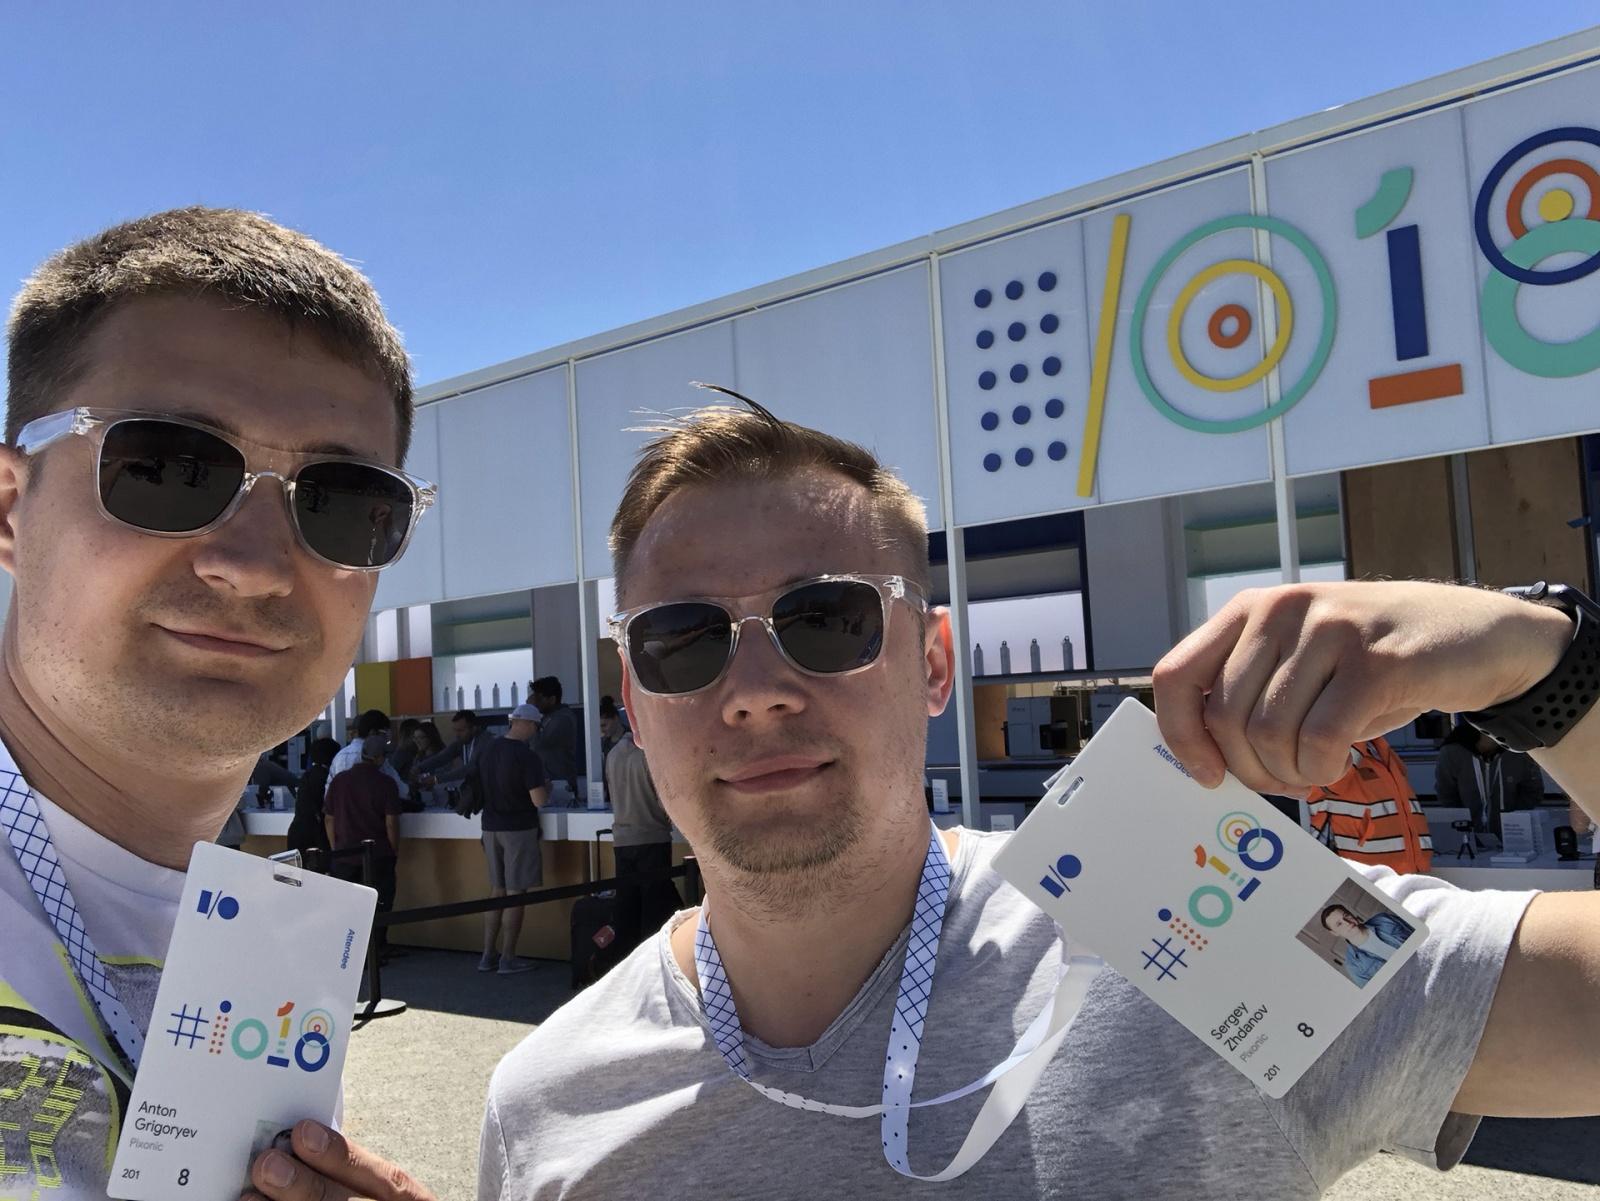 Google I-O 2018 глазами разработчика мобильных игр + рекомендации по итогам - 1